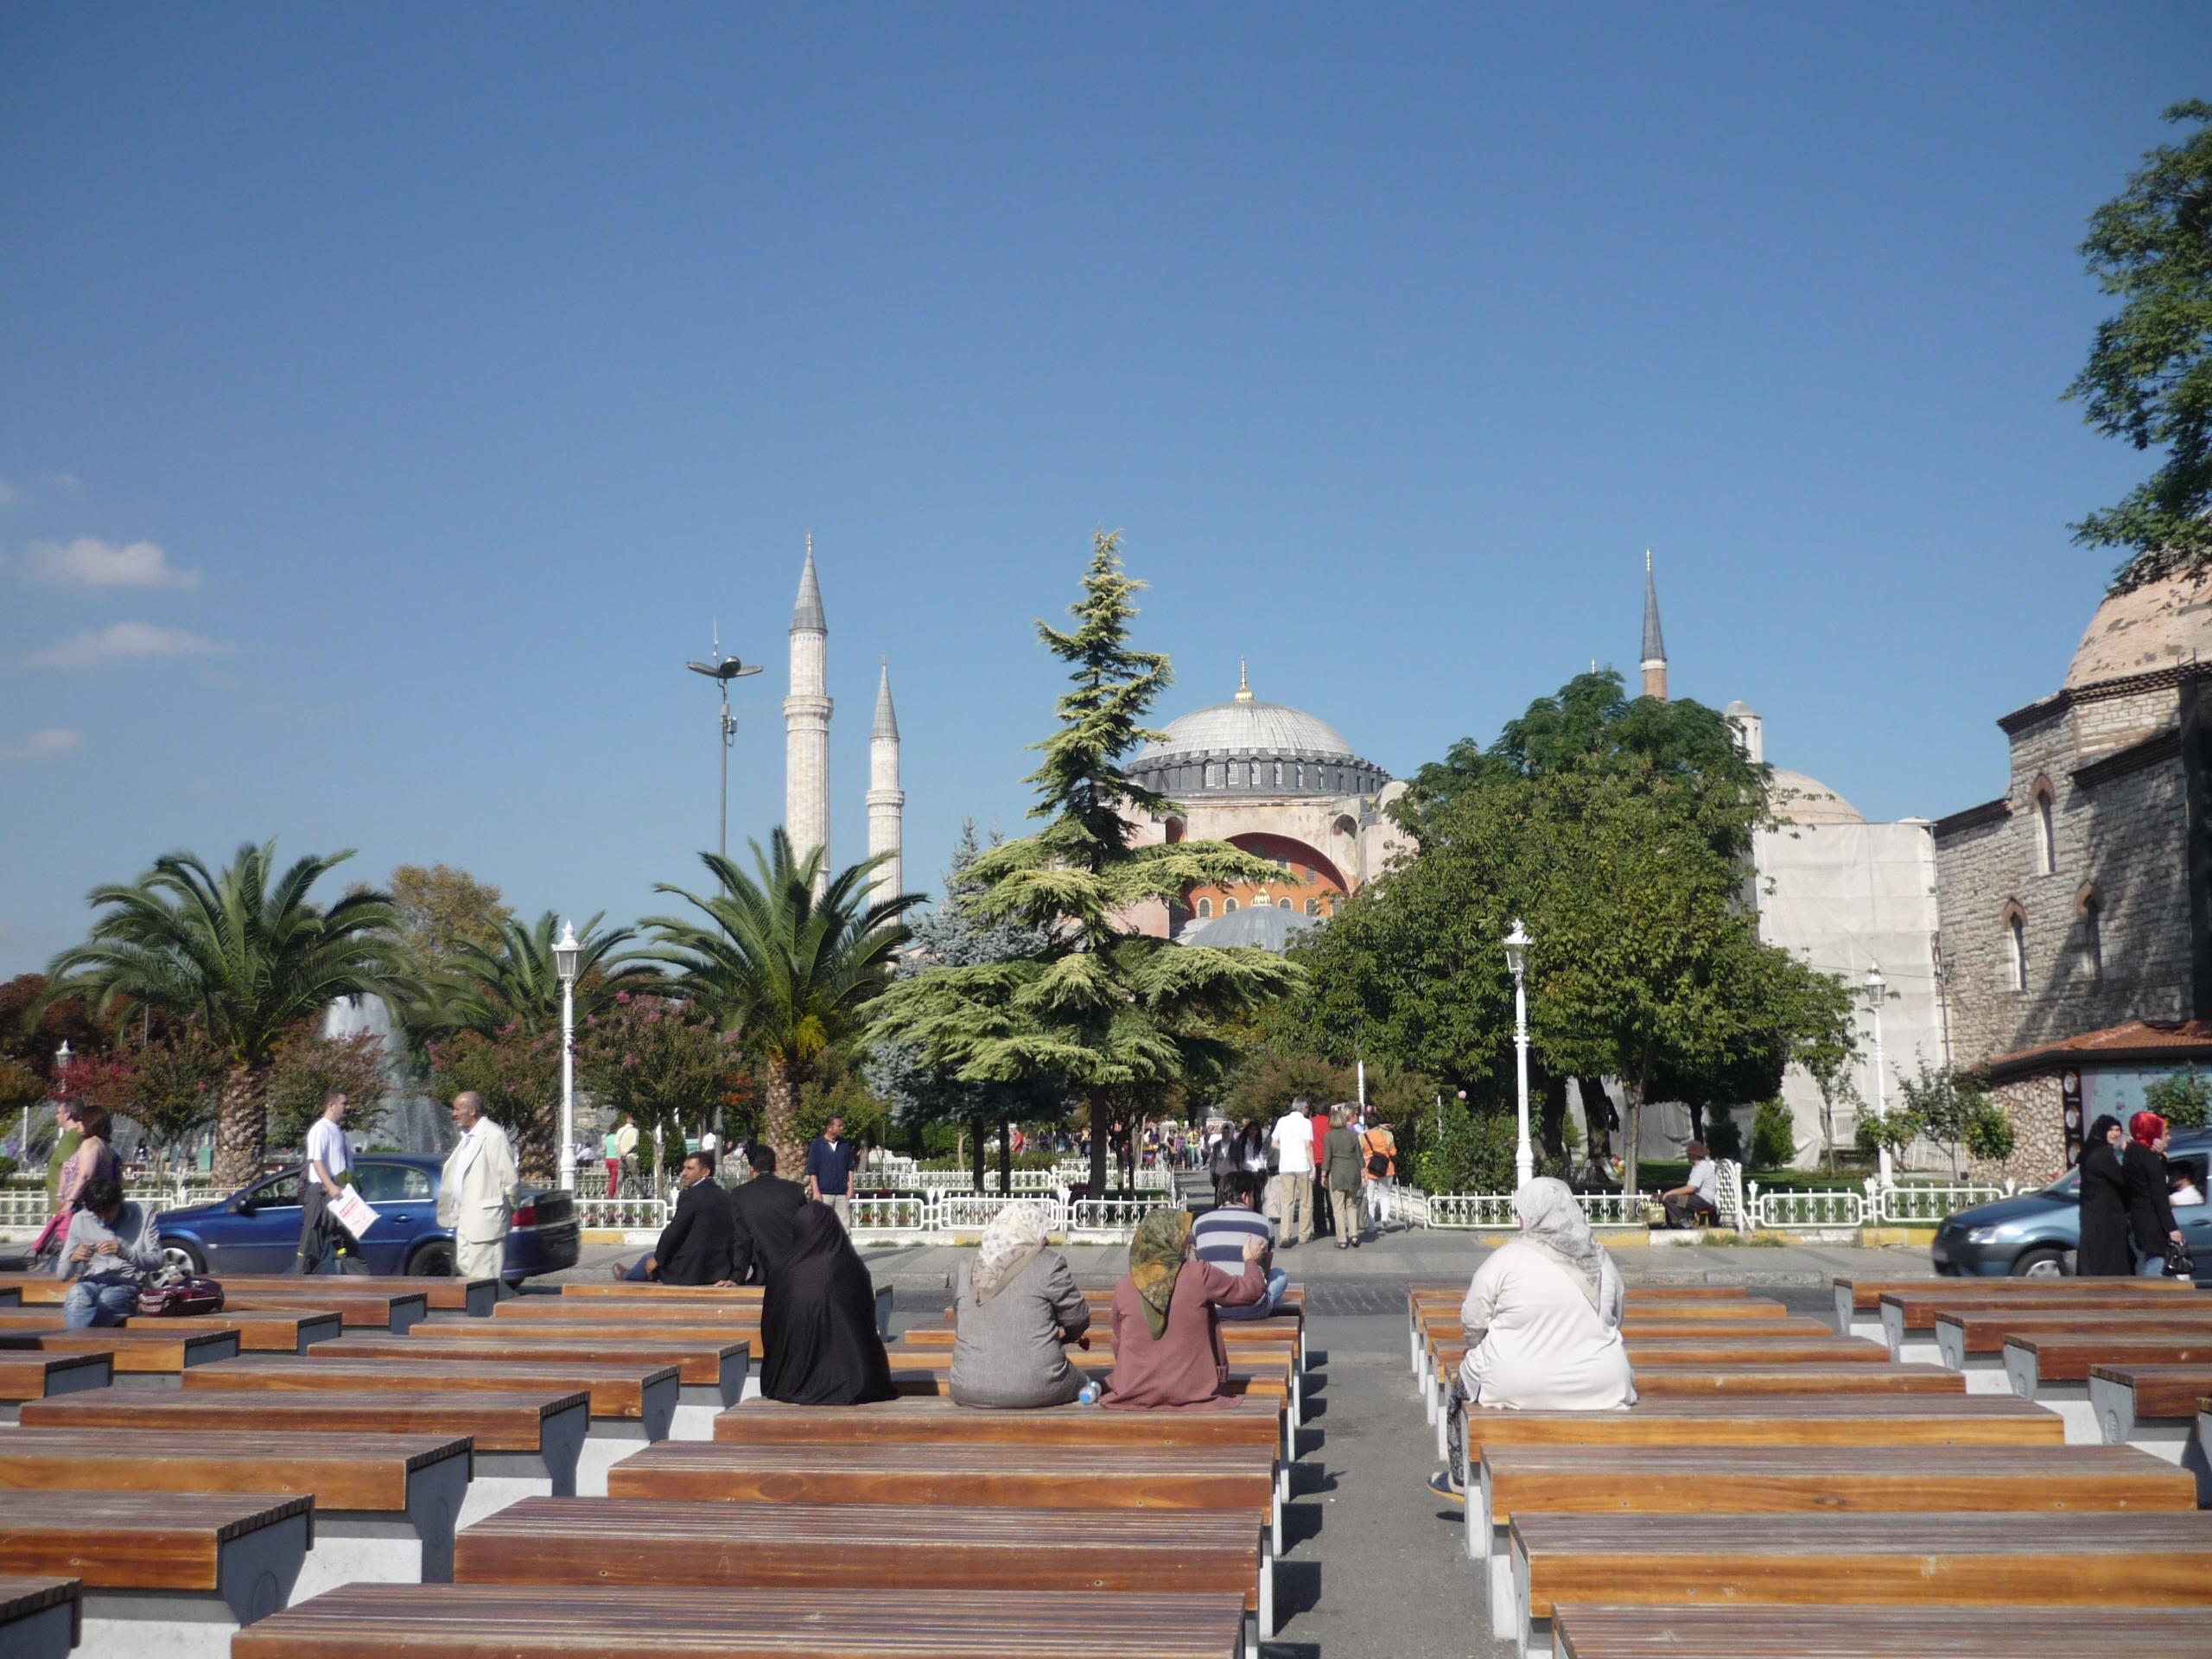 Friends in Turkey showed me Istanbul